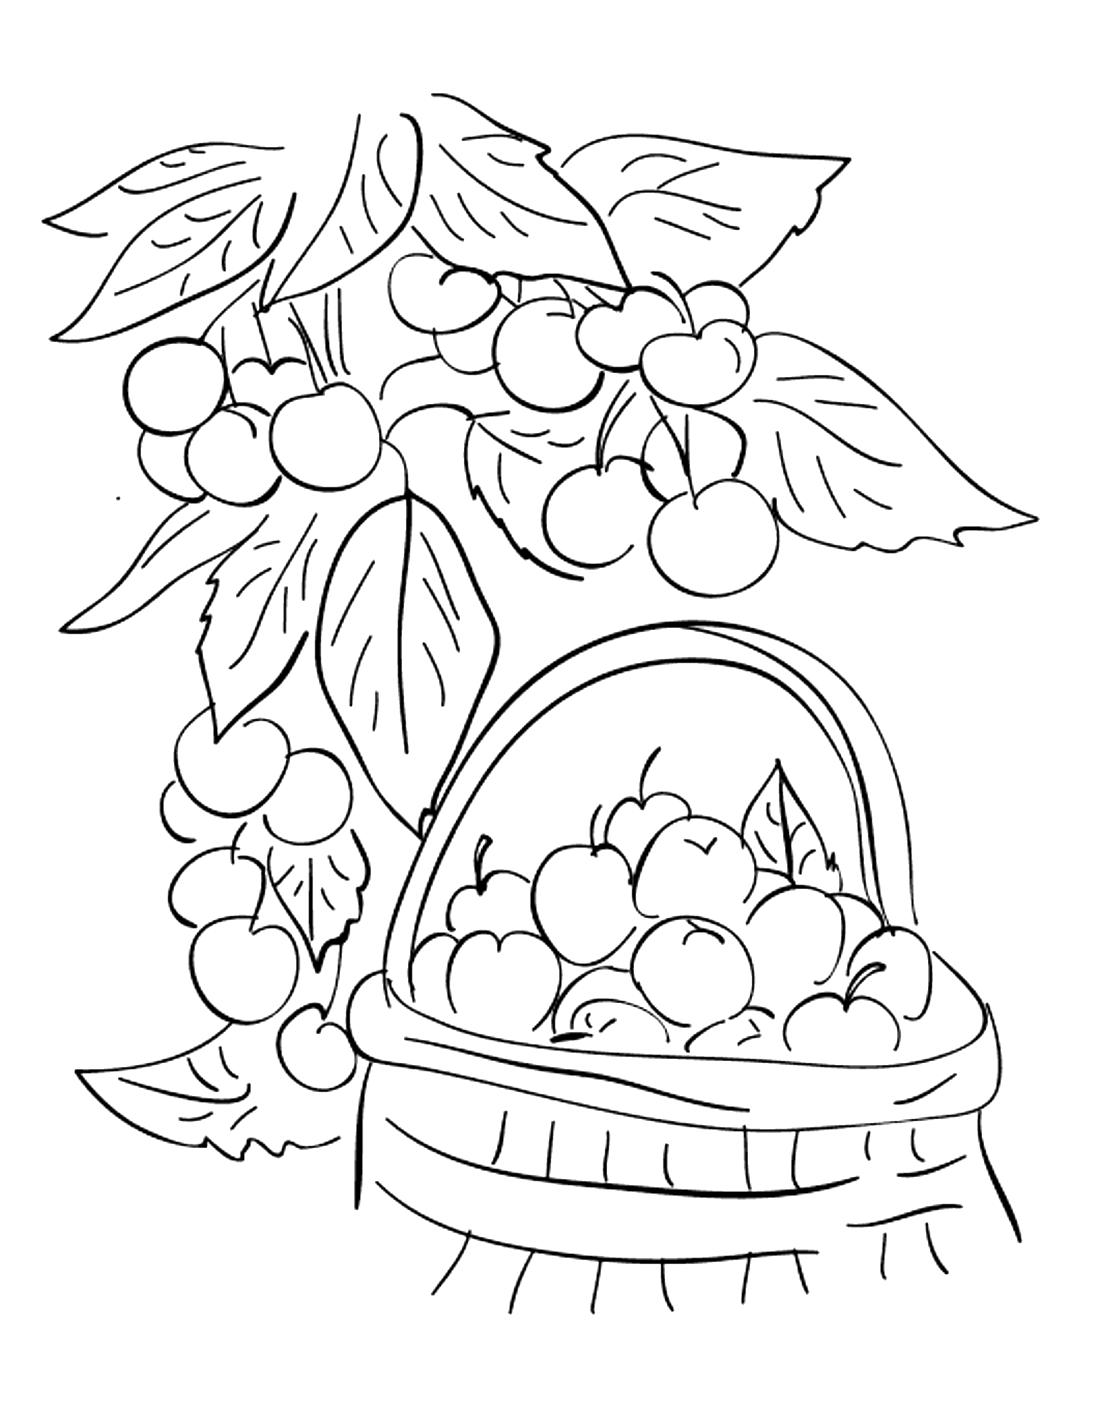 Ягоды и яблоки - раскраска №13542 | Printonic.ru